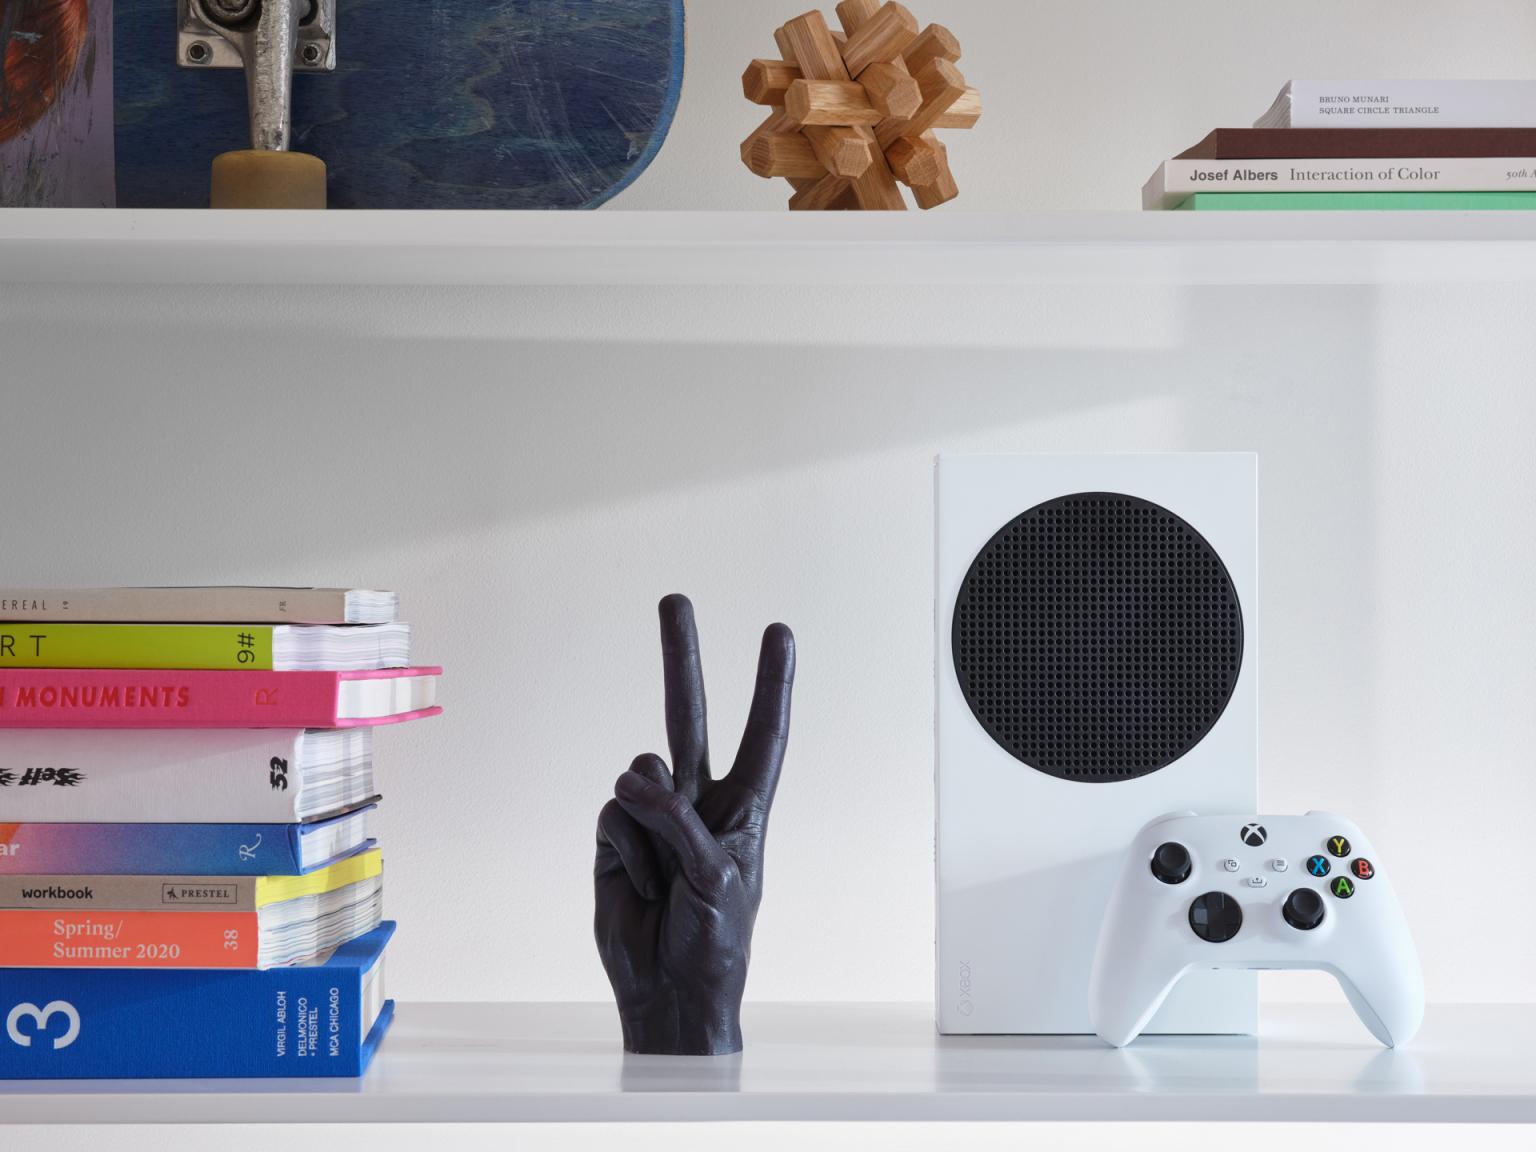 Новые фотографии Xbox Series X и Xbox Series S в интерьере